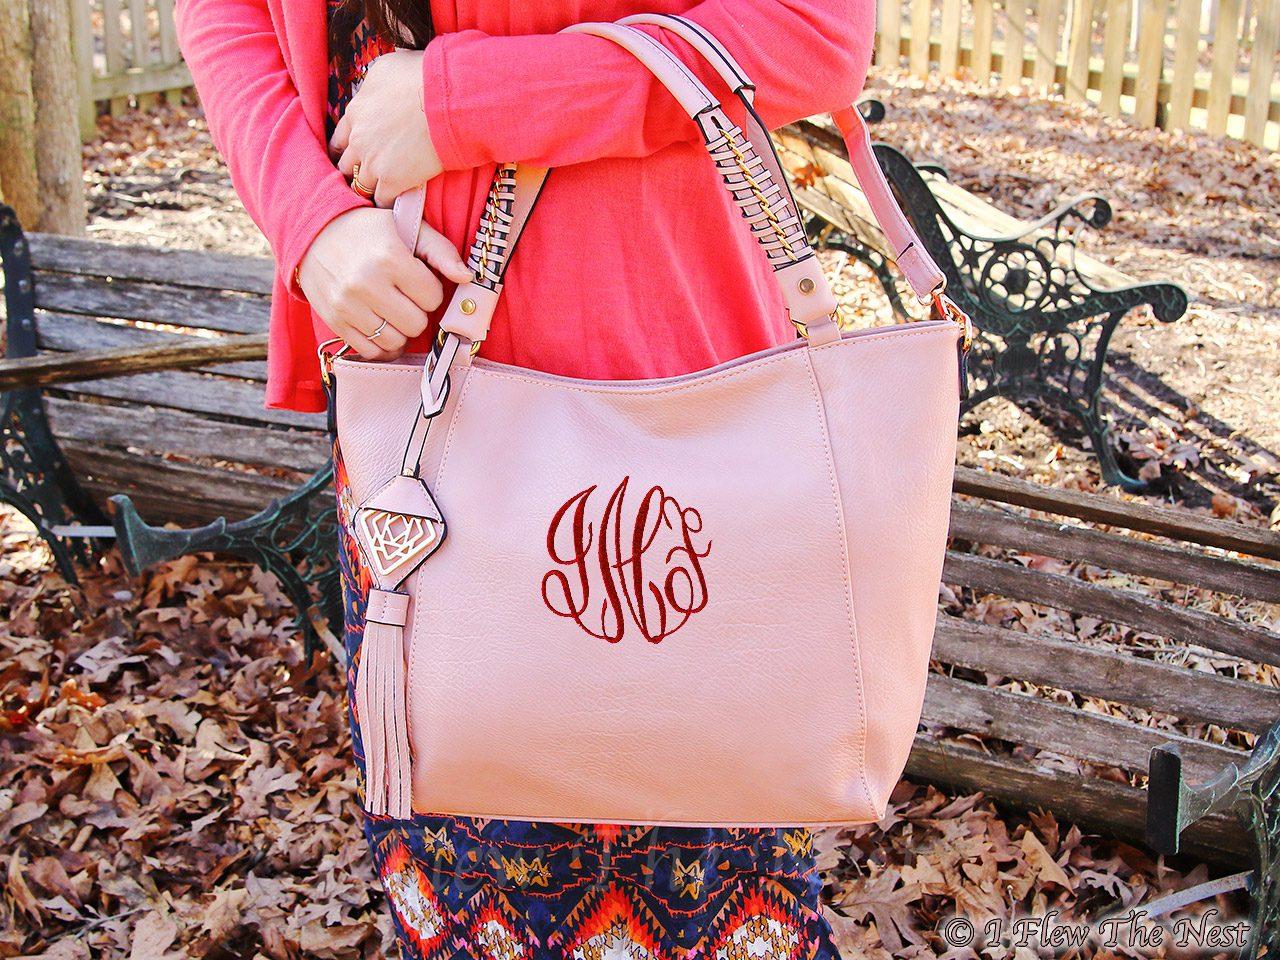 belle monogrammed tote bag with golden tassel i flew the nest